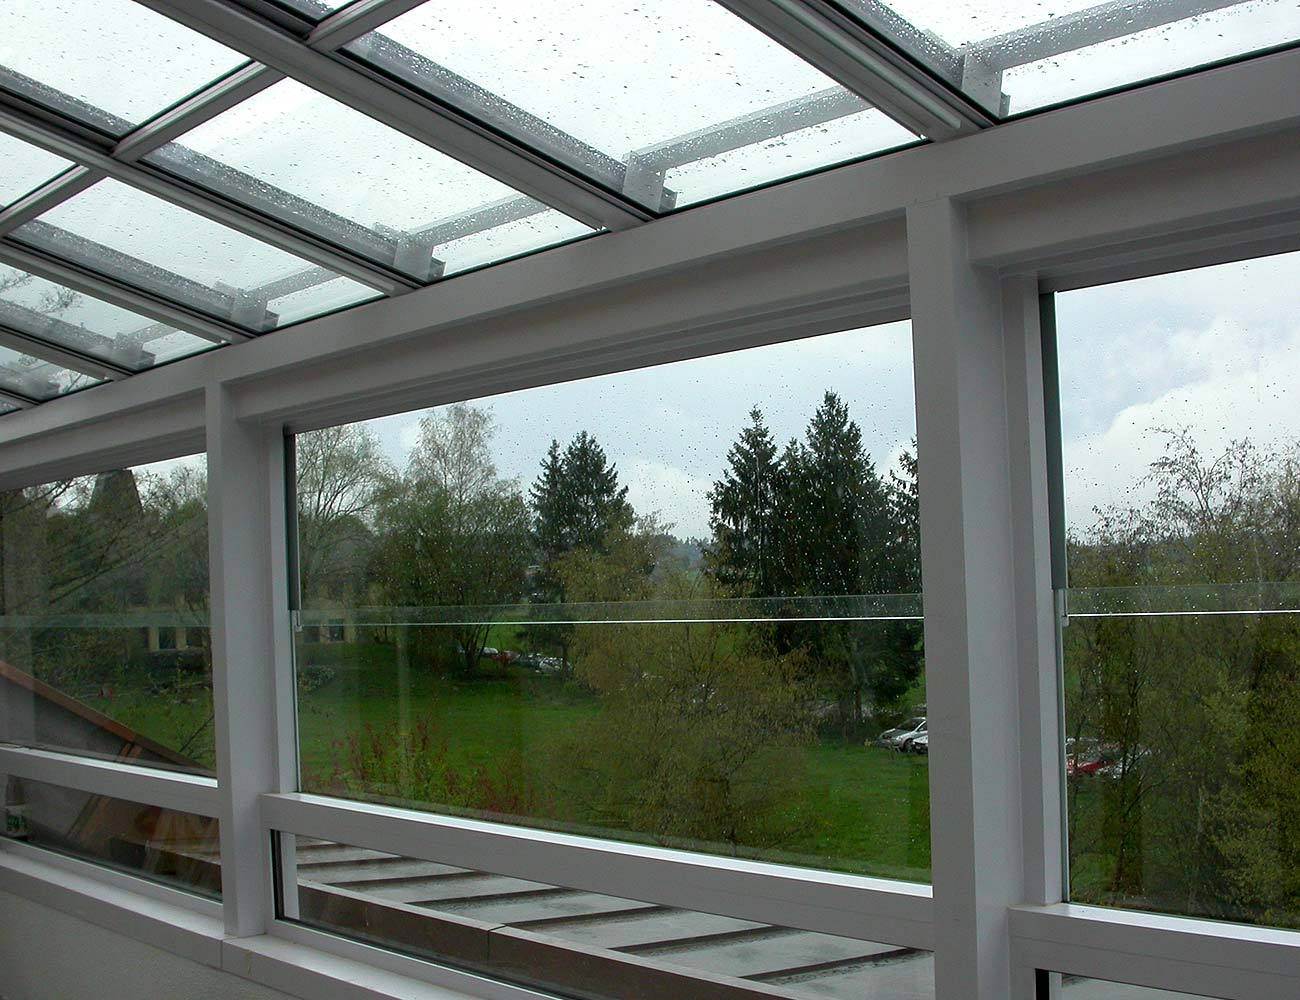 ebiasi-sitzplatzverglasung-balkonverglasung-4